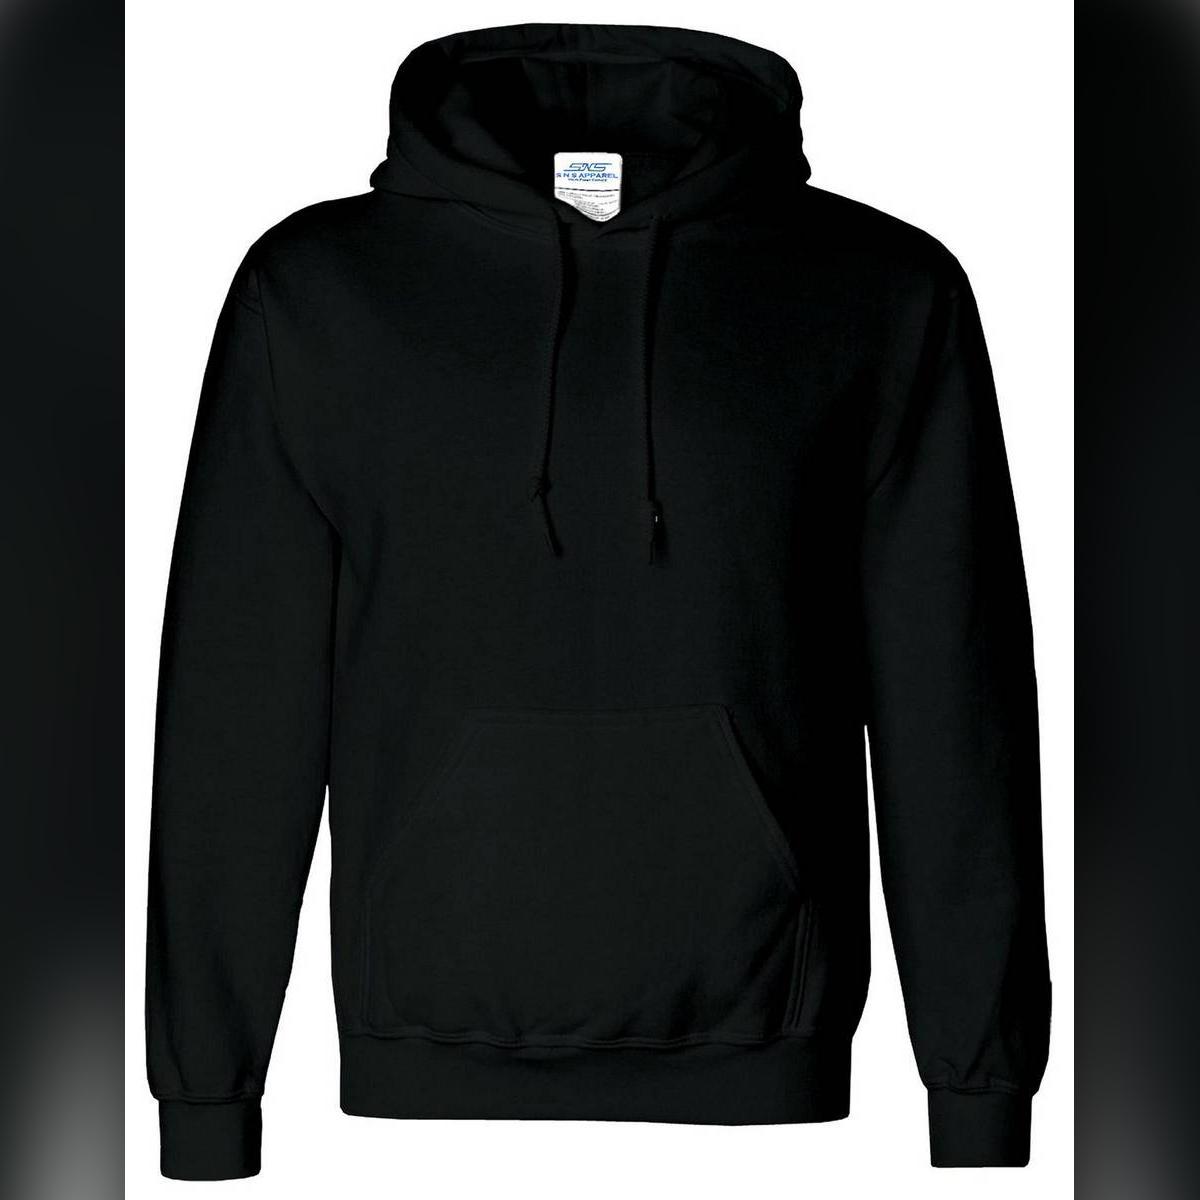 Black Cotton Plain Hoodie For Mens